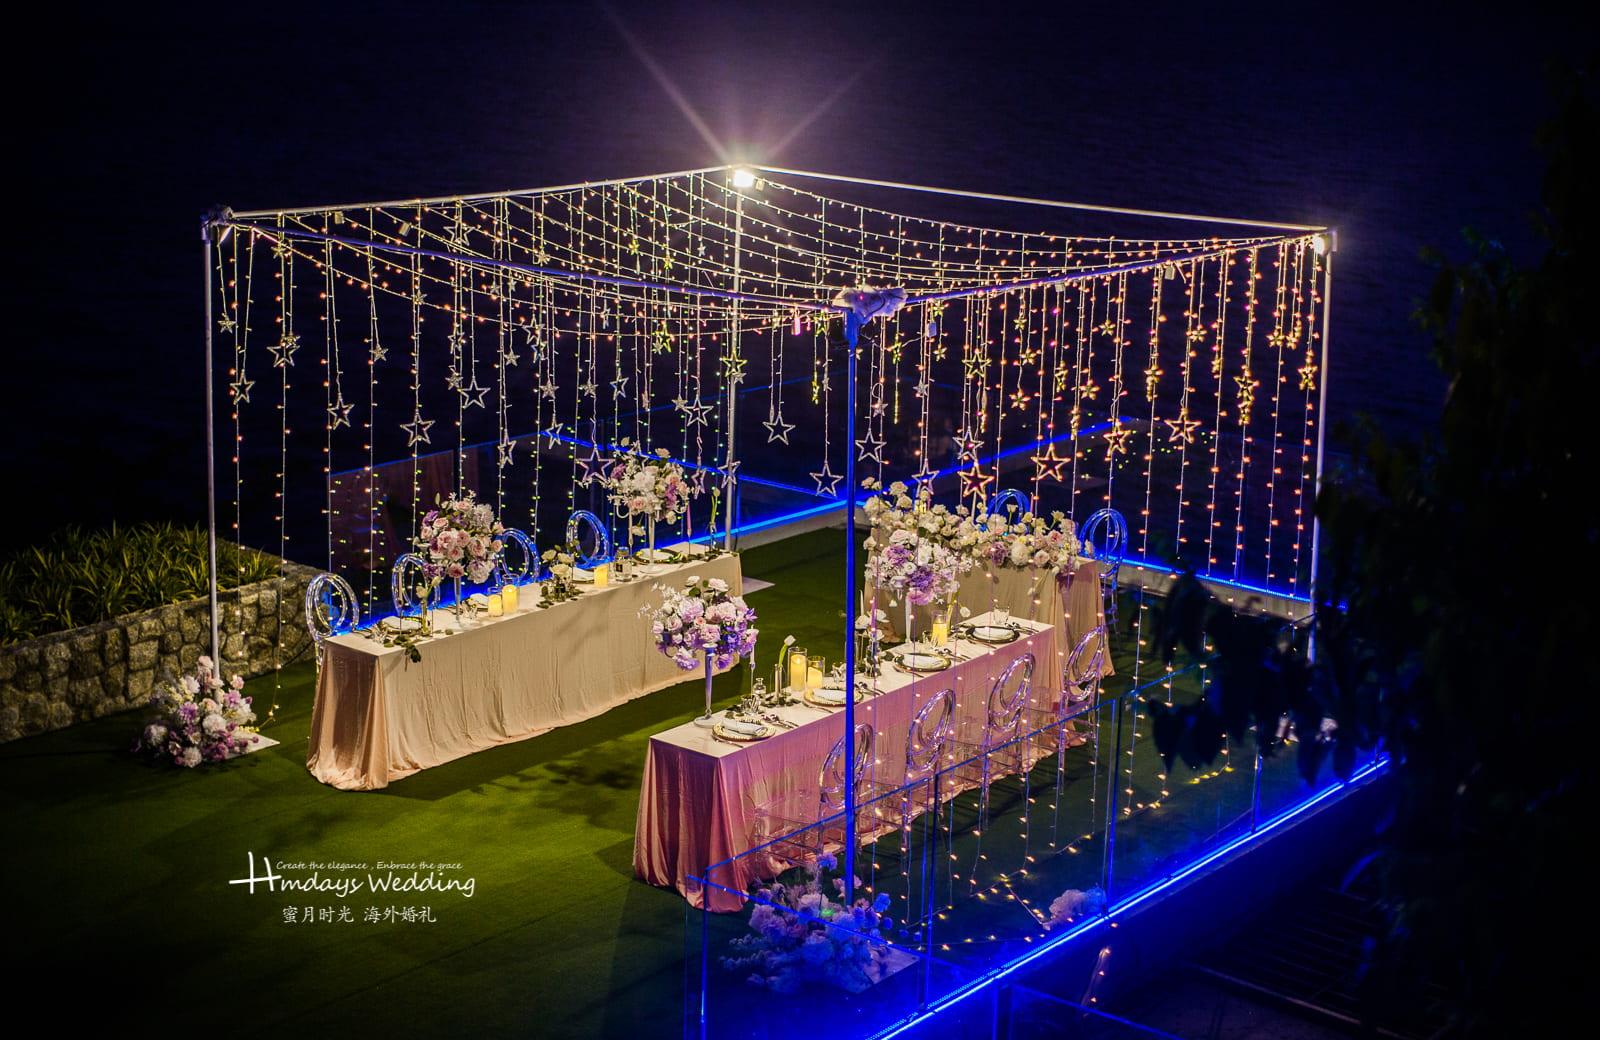 Qastle别墅婚礼晚宴 普吉岛天空之城婚礼